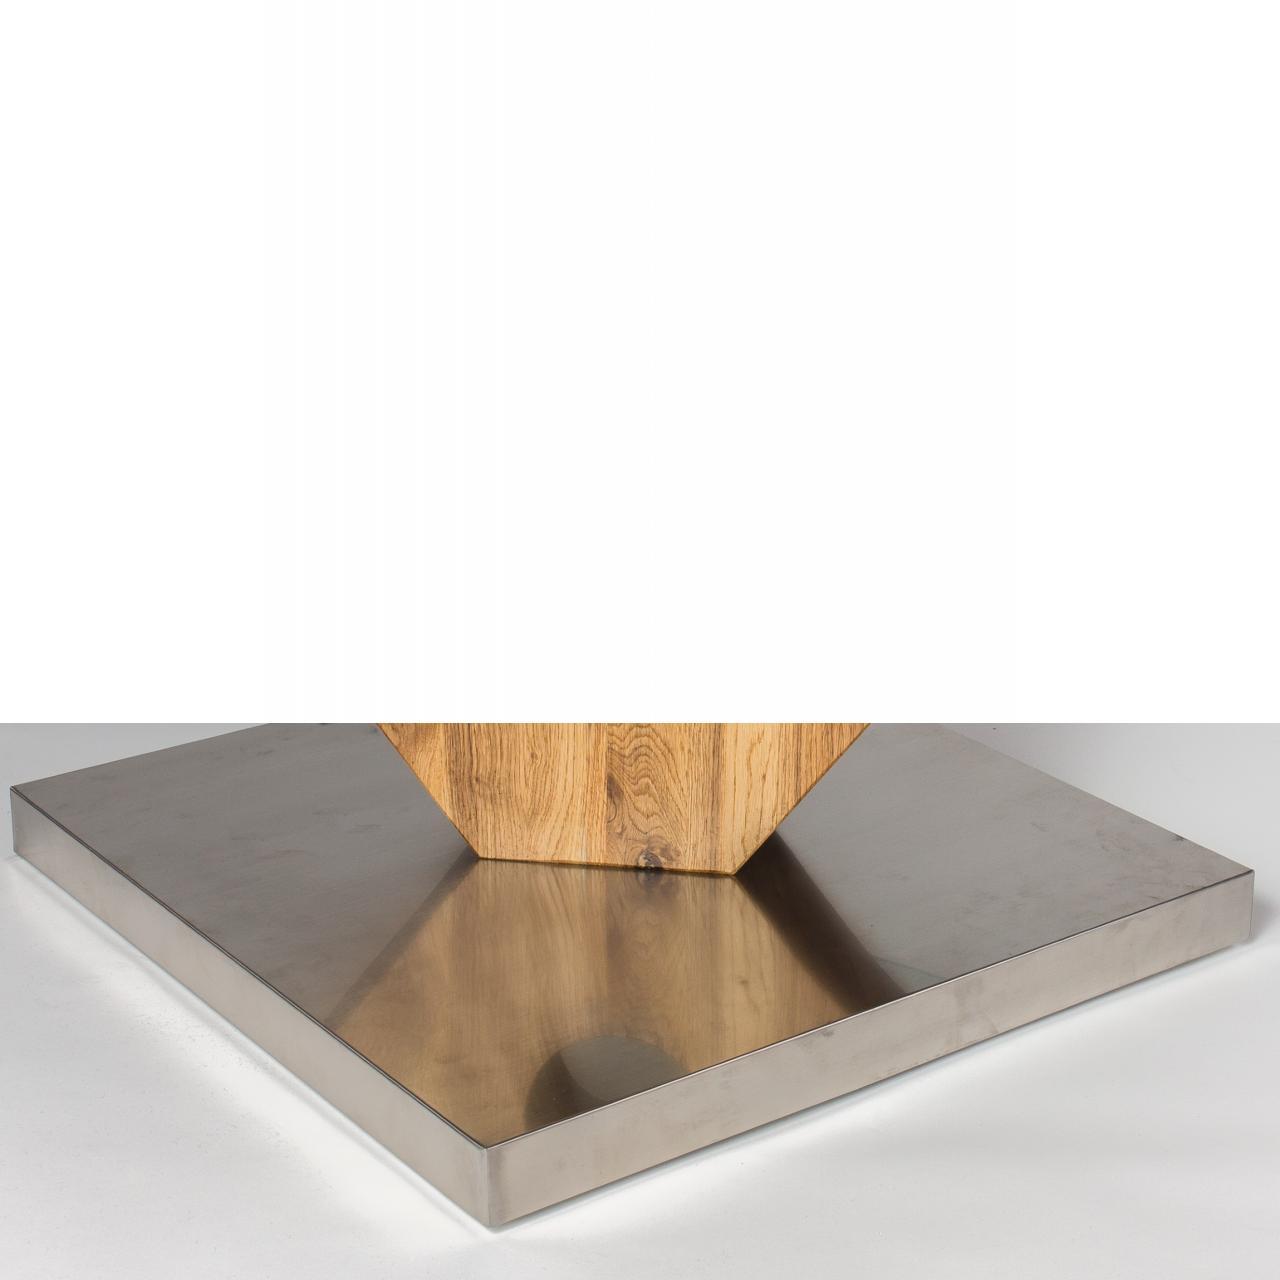 couchtisch felino wildeiche glasplatte edelstahl sockel m bel j hnichen center gmbh. Black Bedroom Furniture Sets. Home Design Ideas